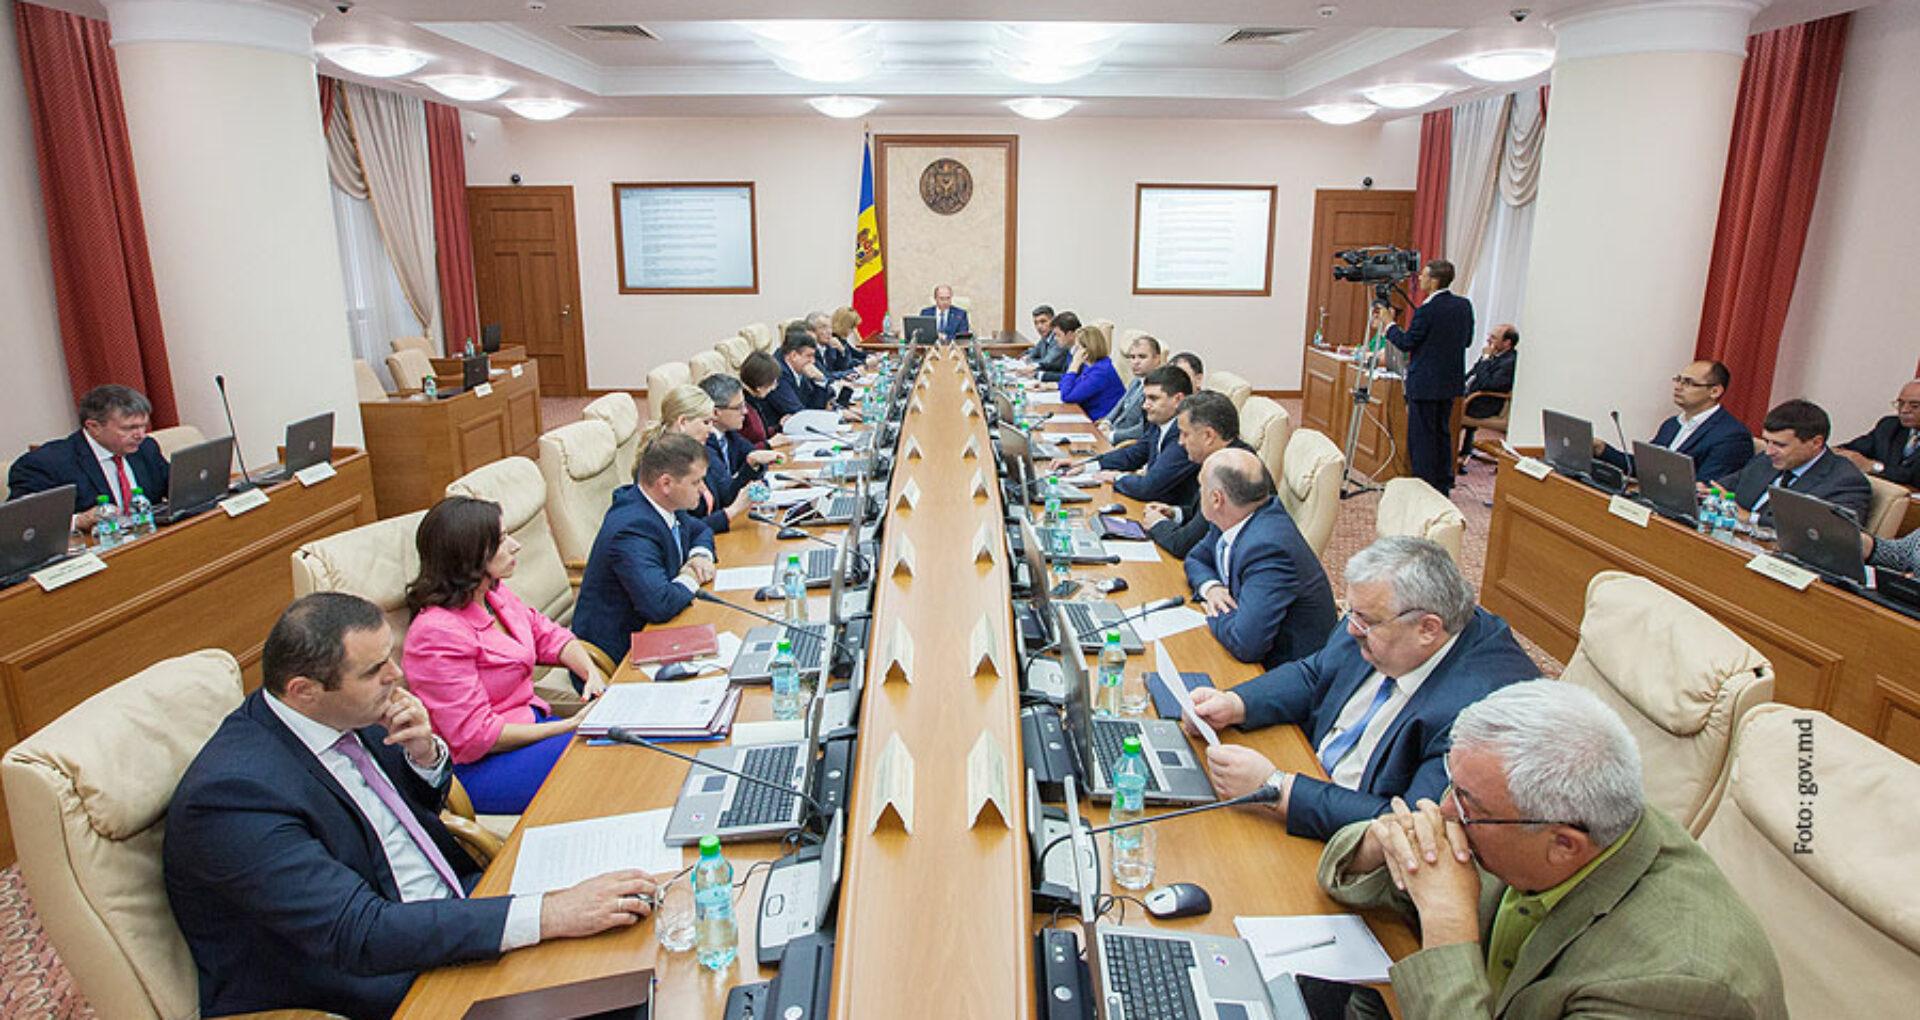 Noii miniştri, cu case de milioane, firme și proprietăți în România